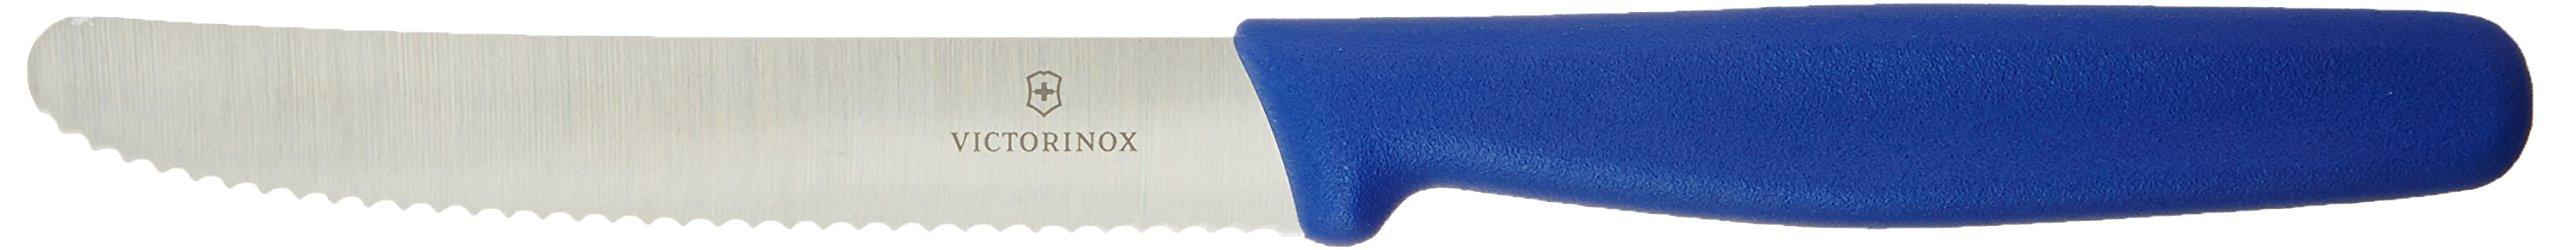 Victorinox Steak Serrated Round Tip Polypropylene Handle, 4.50'', Blue